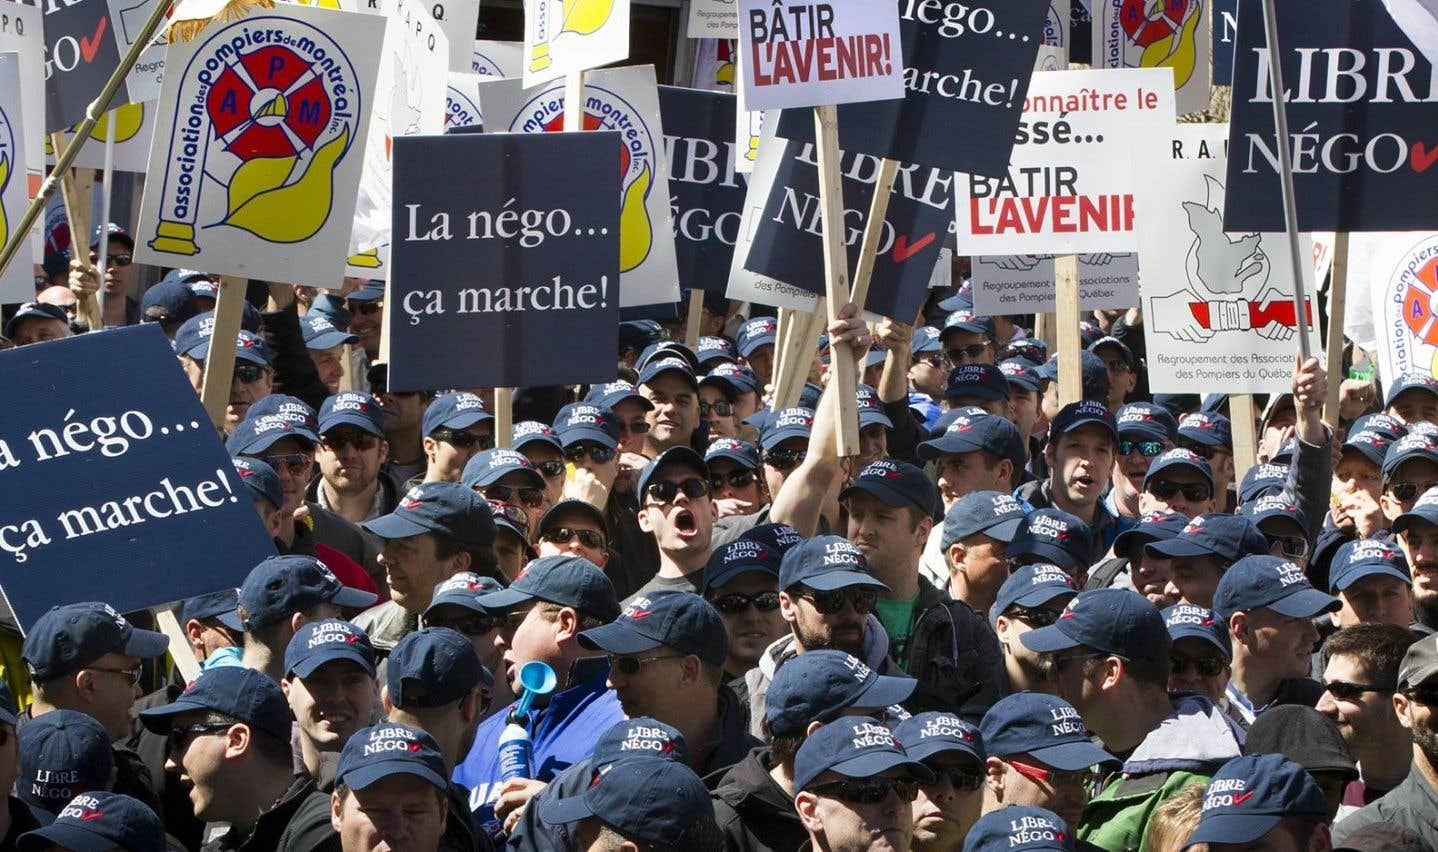 Le processus de négociation actuel est défaillant, estime un spécialiste en relations industrielles, Jean-Noël Grenier, puisque, depuis des décennies, les syndicats sont systématiquement amenés à faire des concessions.